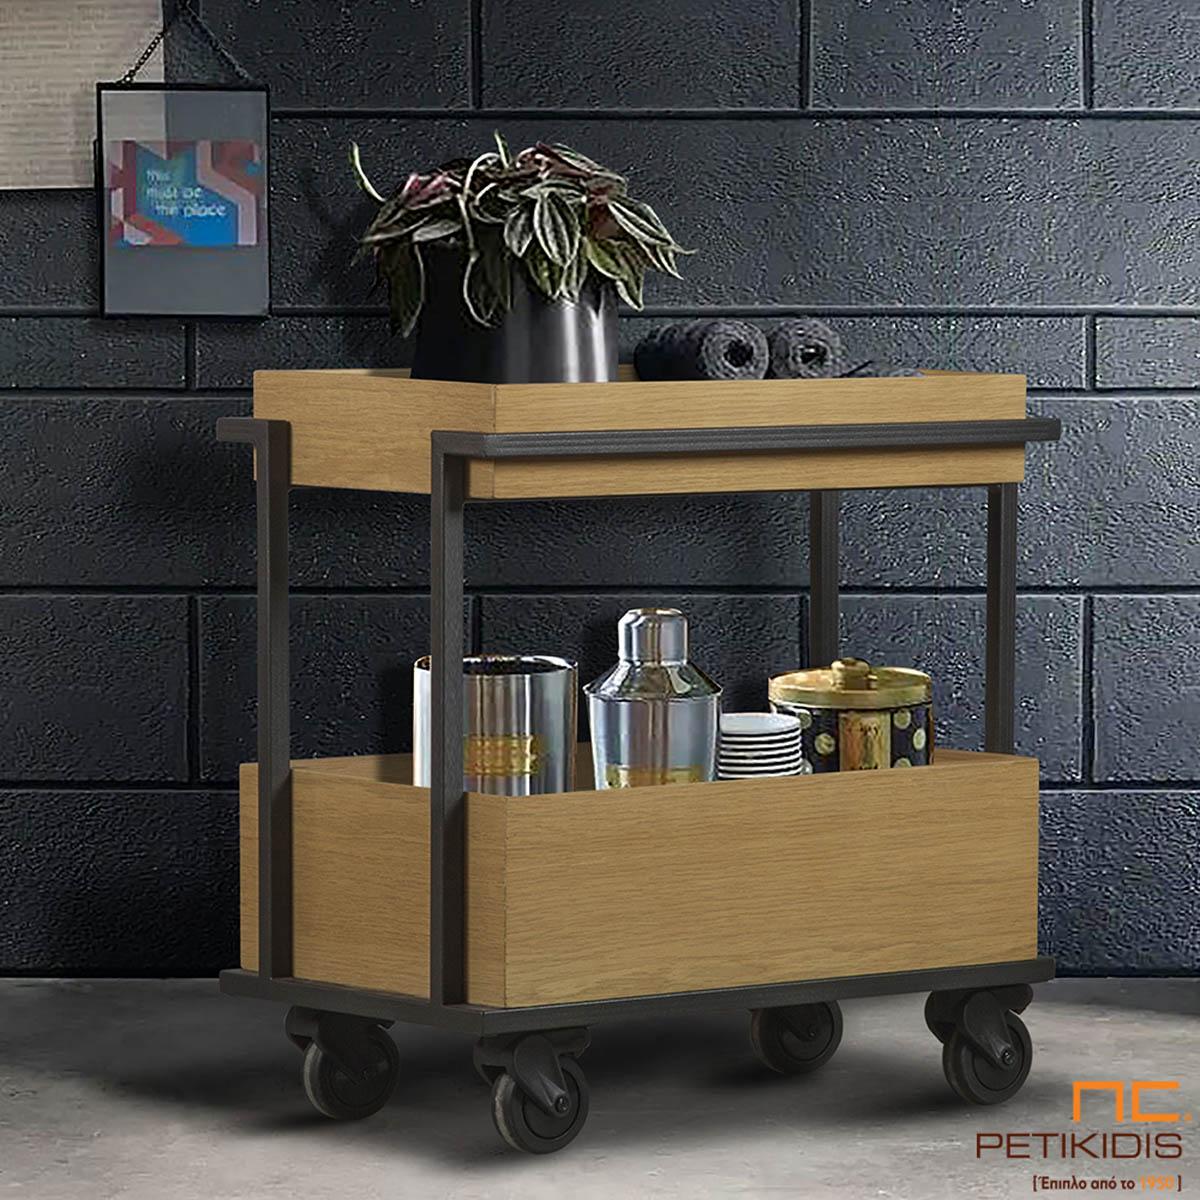 Βοηθητικό τραπεζάκι Bob troley bar. Είναι κατασκευασμένο από ξύλο σρυς και μεταλλικό σκελετό και διαθέτει ρόδες για εύκολη μετακίνηση μέσα στο χώρο.